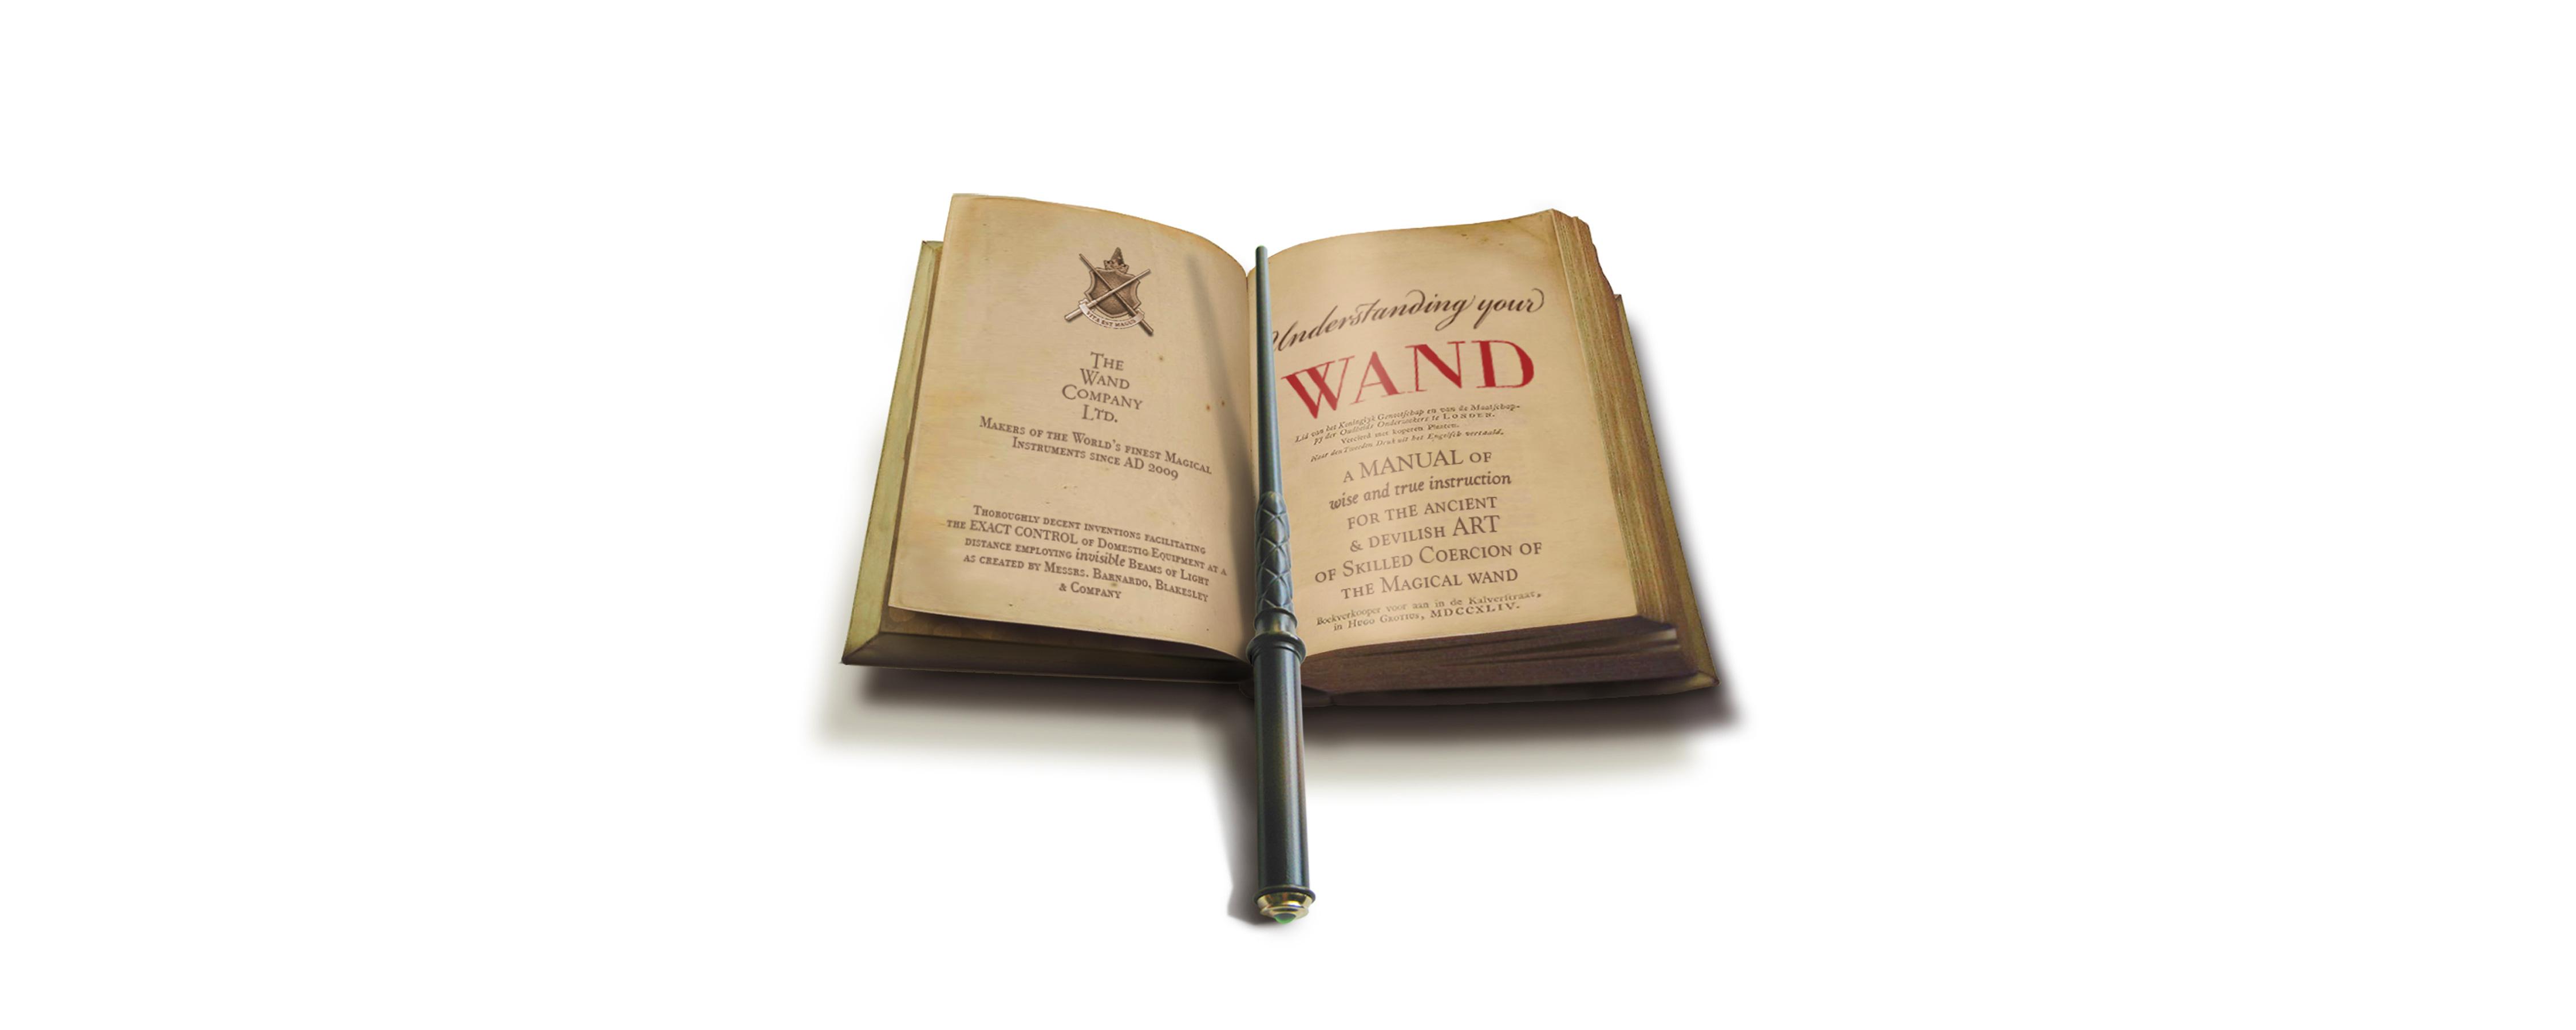 Kymera-Slider-wand-on-book